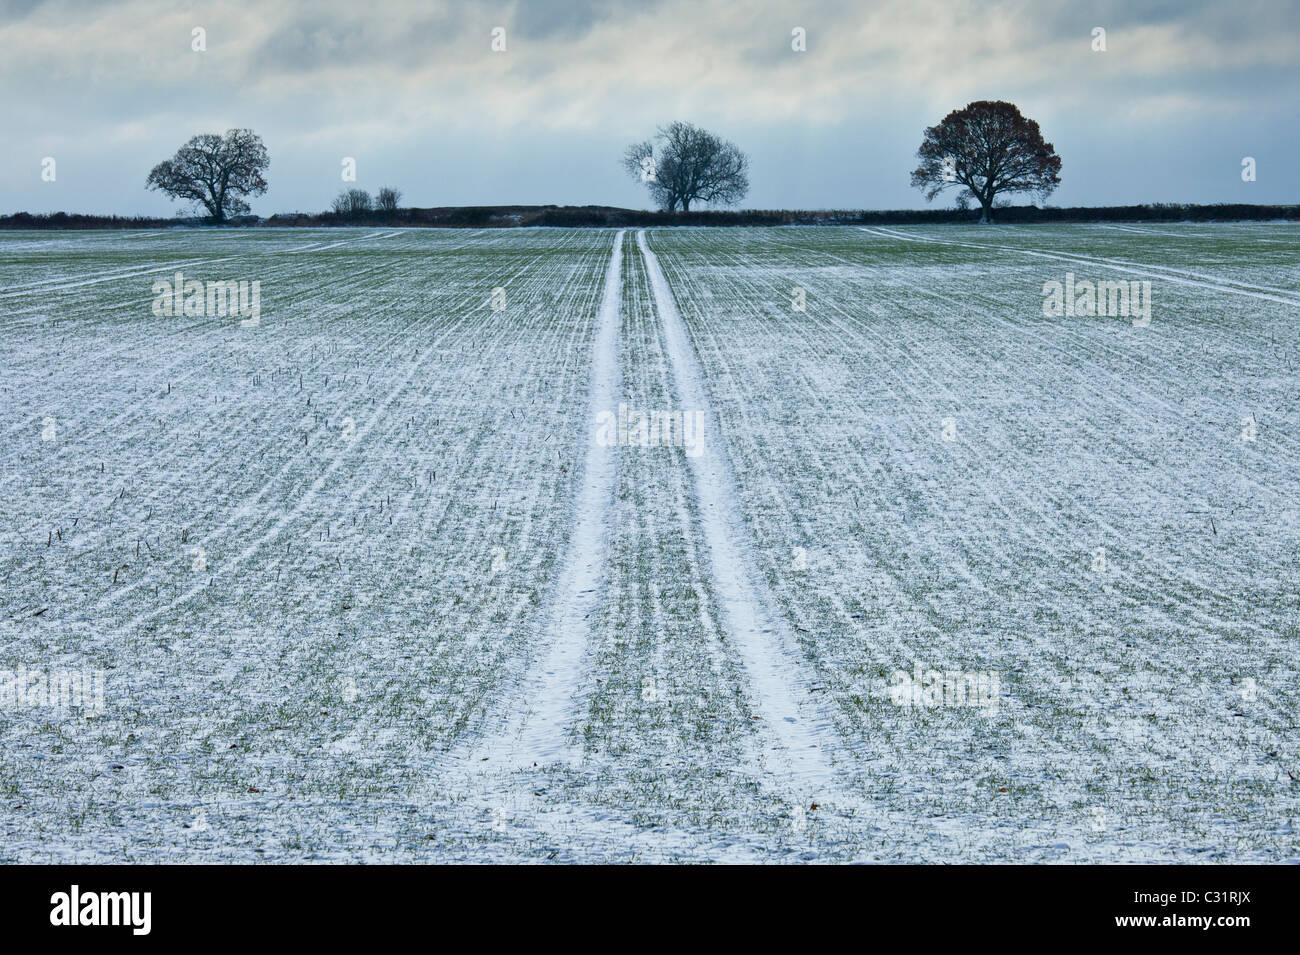 Frosty campo di scena e gli alberi durante la trasformata per forte gradiente gelo in inverno, il Costwolds, REGNO UNITO Foto Stock